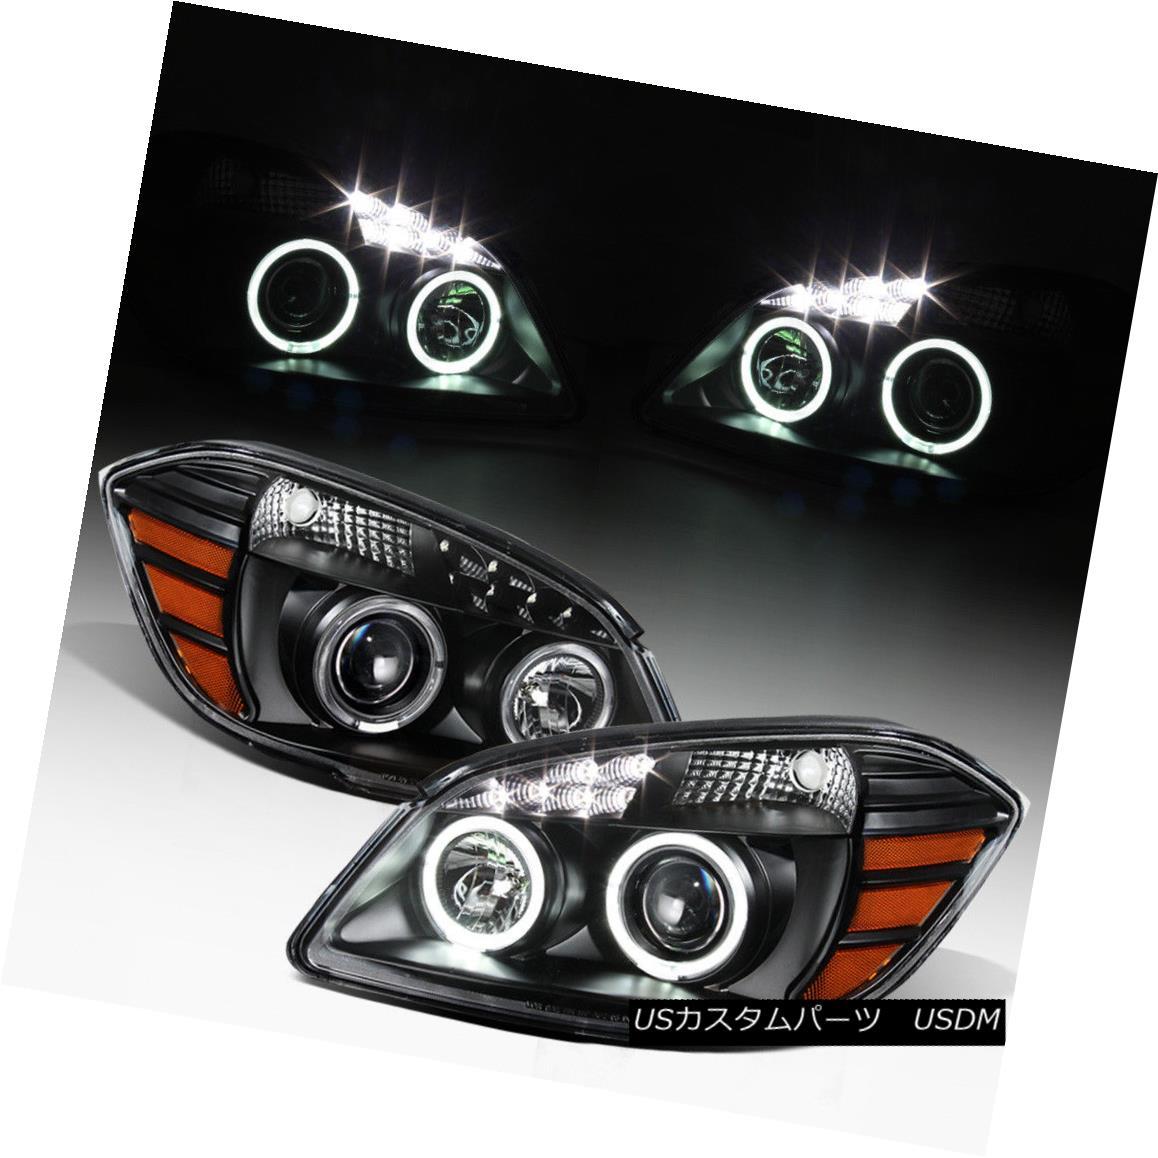 ヘッドライト Black 2005-2010 Chevy Cobalt 07-10 Pontiac G5 LED DRL Halo Projector Headlights ブラック2005-2010シボレーコバルト07-10ポンティアックG5 LED DRLハロープロジェクターヘッドライト